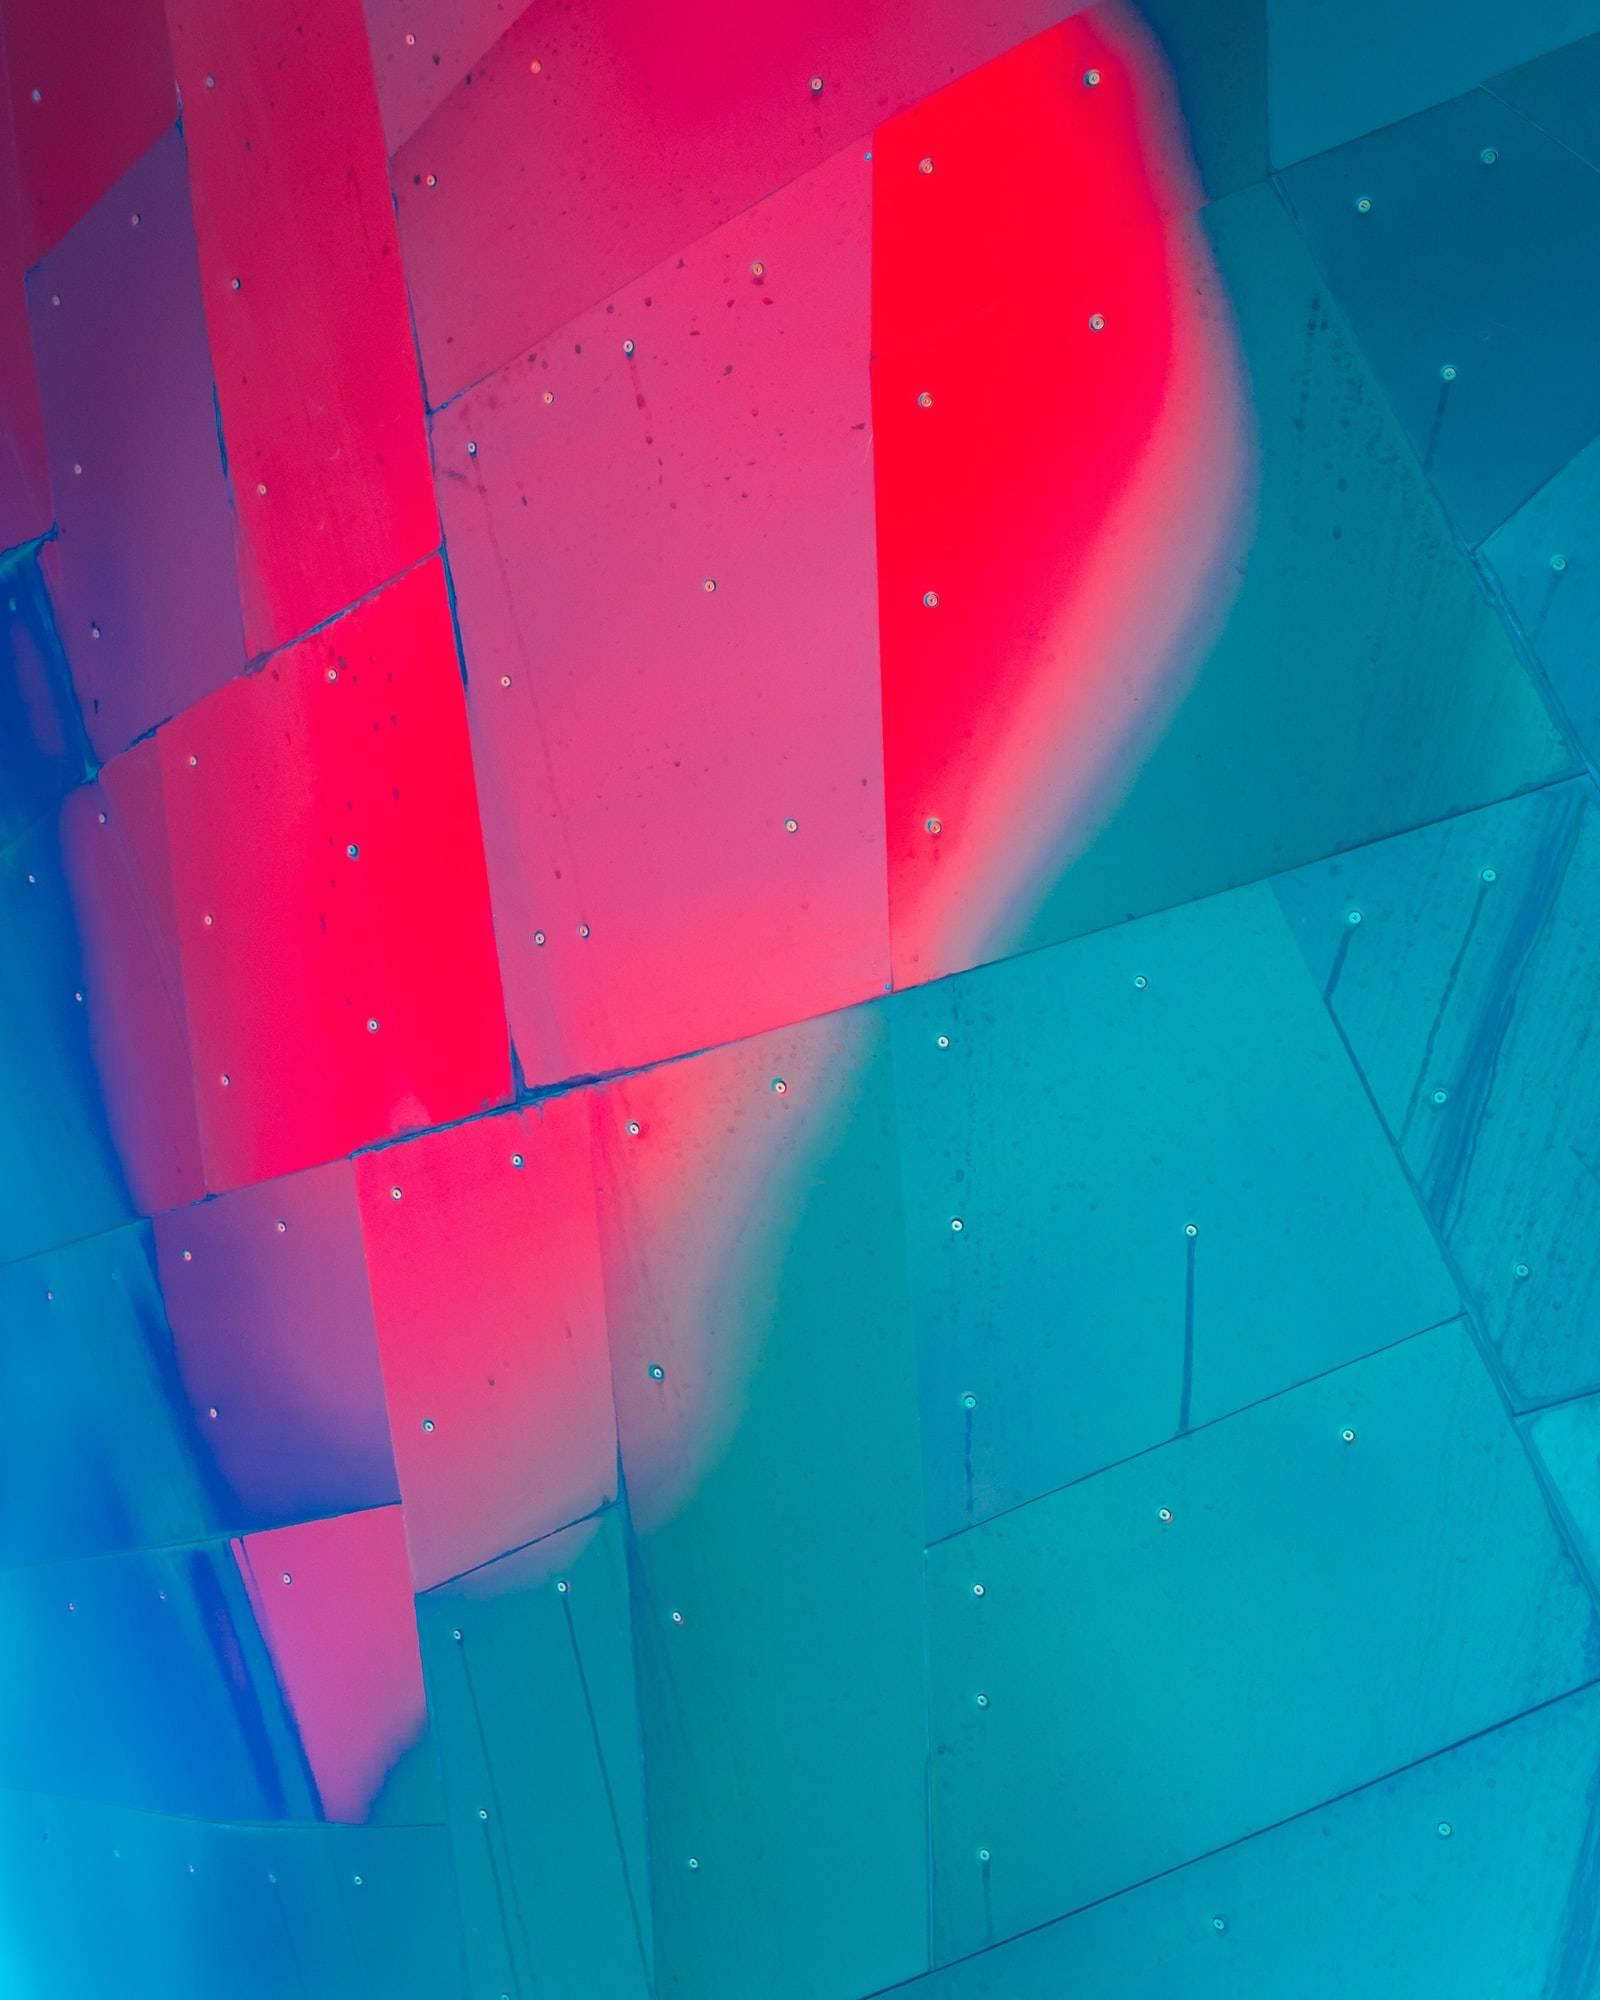 創維風暴發布會在京召開,推動彩電OLED新賽道普及加速